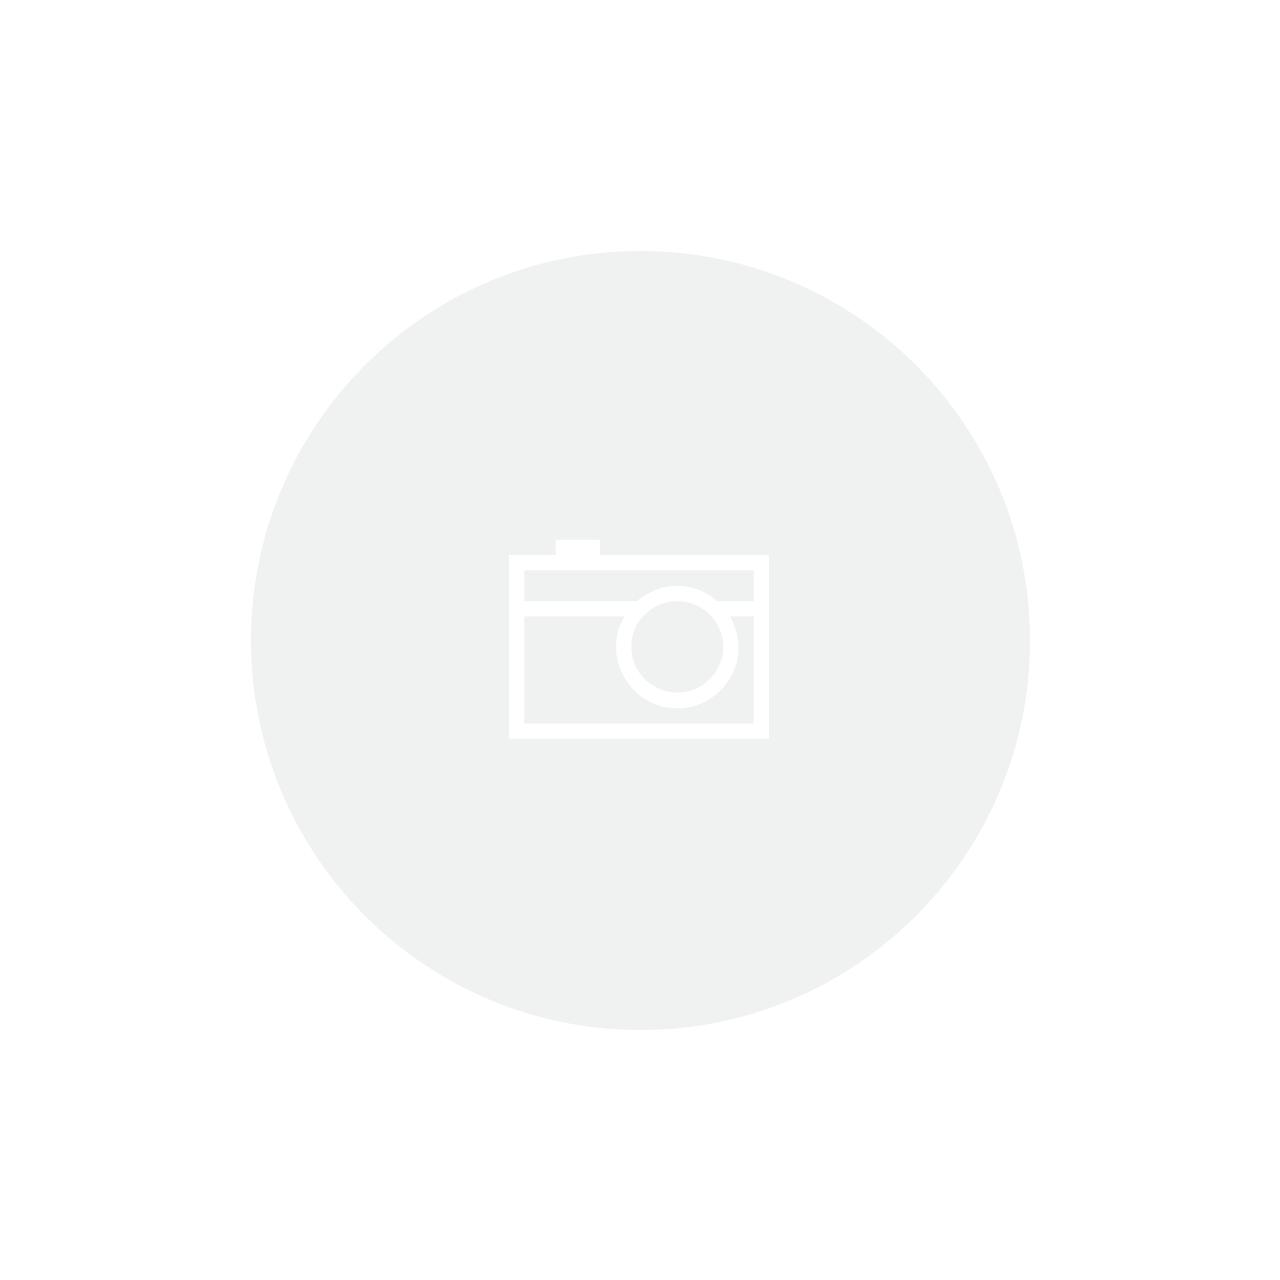 BICICLETA SPEED SOUL 3R3 AERO CARBON 22V DURA ACE (CUSTOM)